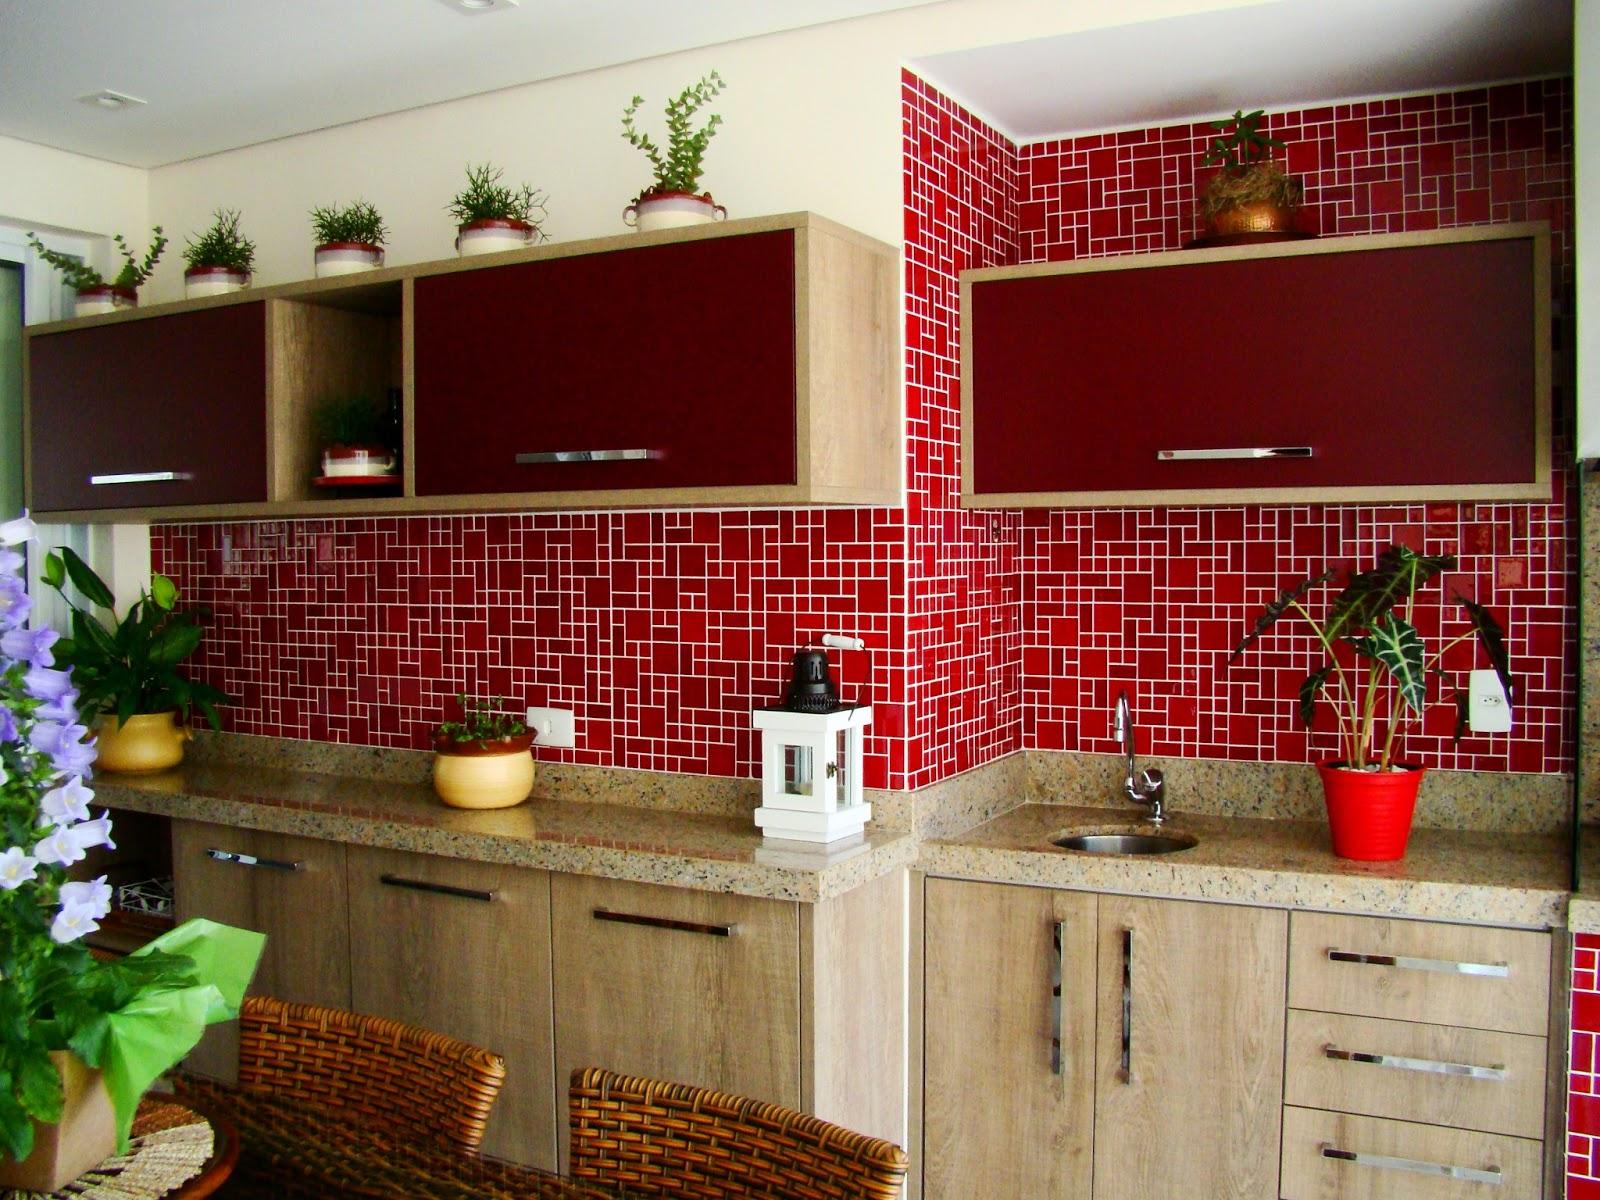 Decoração Com Pastilhas de Vidro Cantinho da Sonia #AB2022 1600x1200 Banheiro Com Pastilhas Adesivas